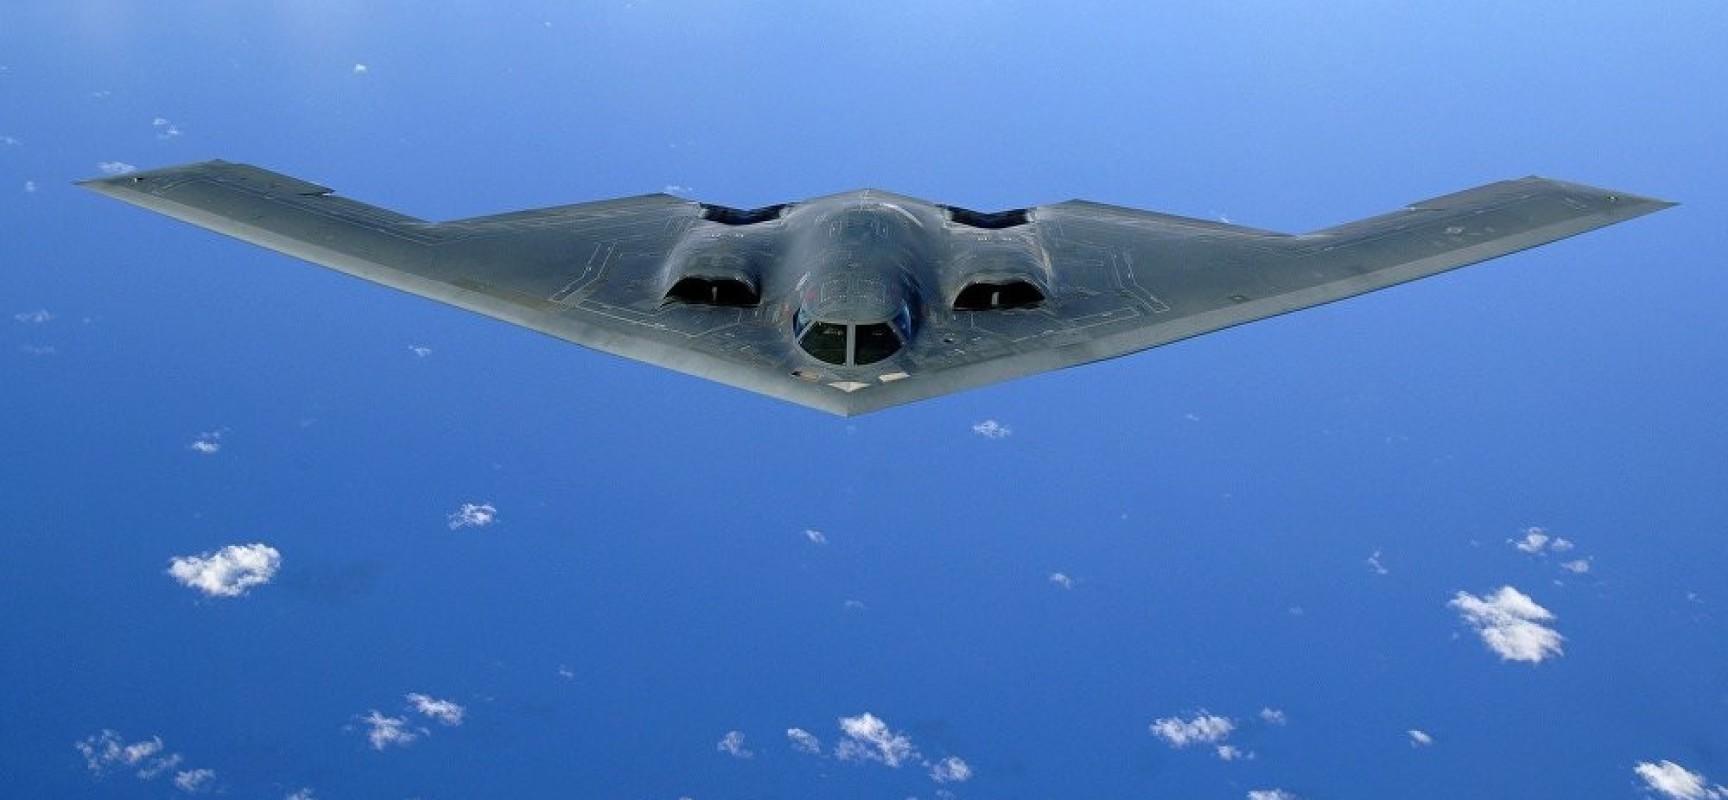 Des bombardiers nucléaires russes et US dépêchés vers la Corée du Nord